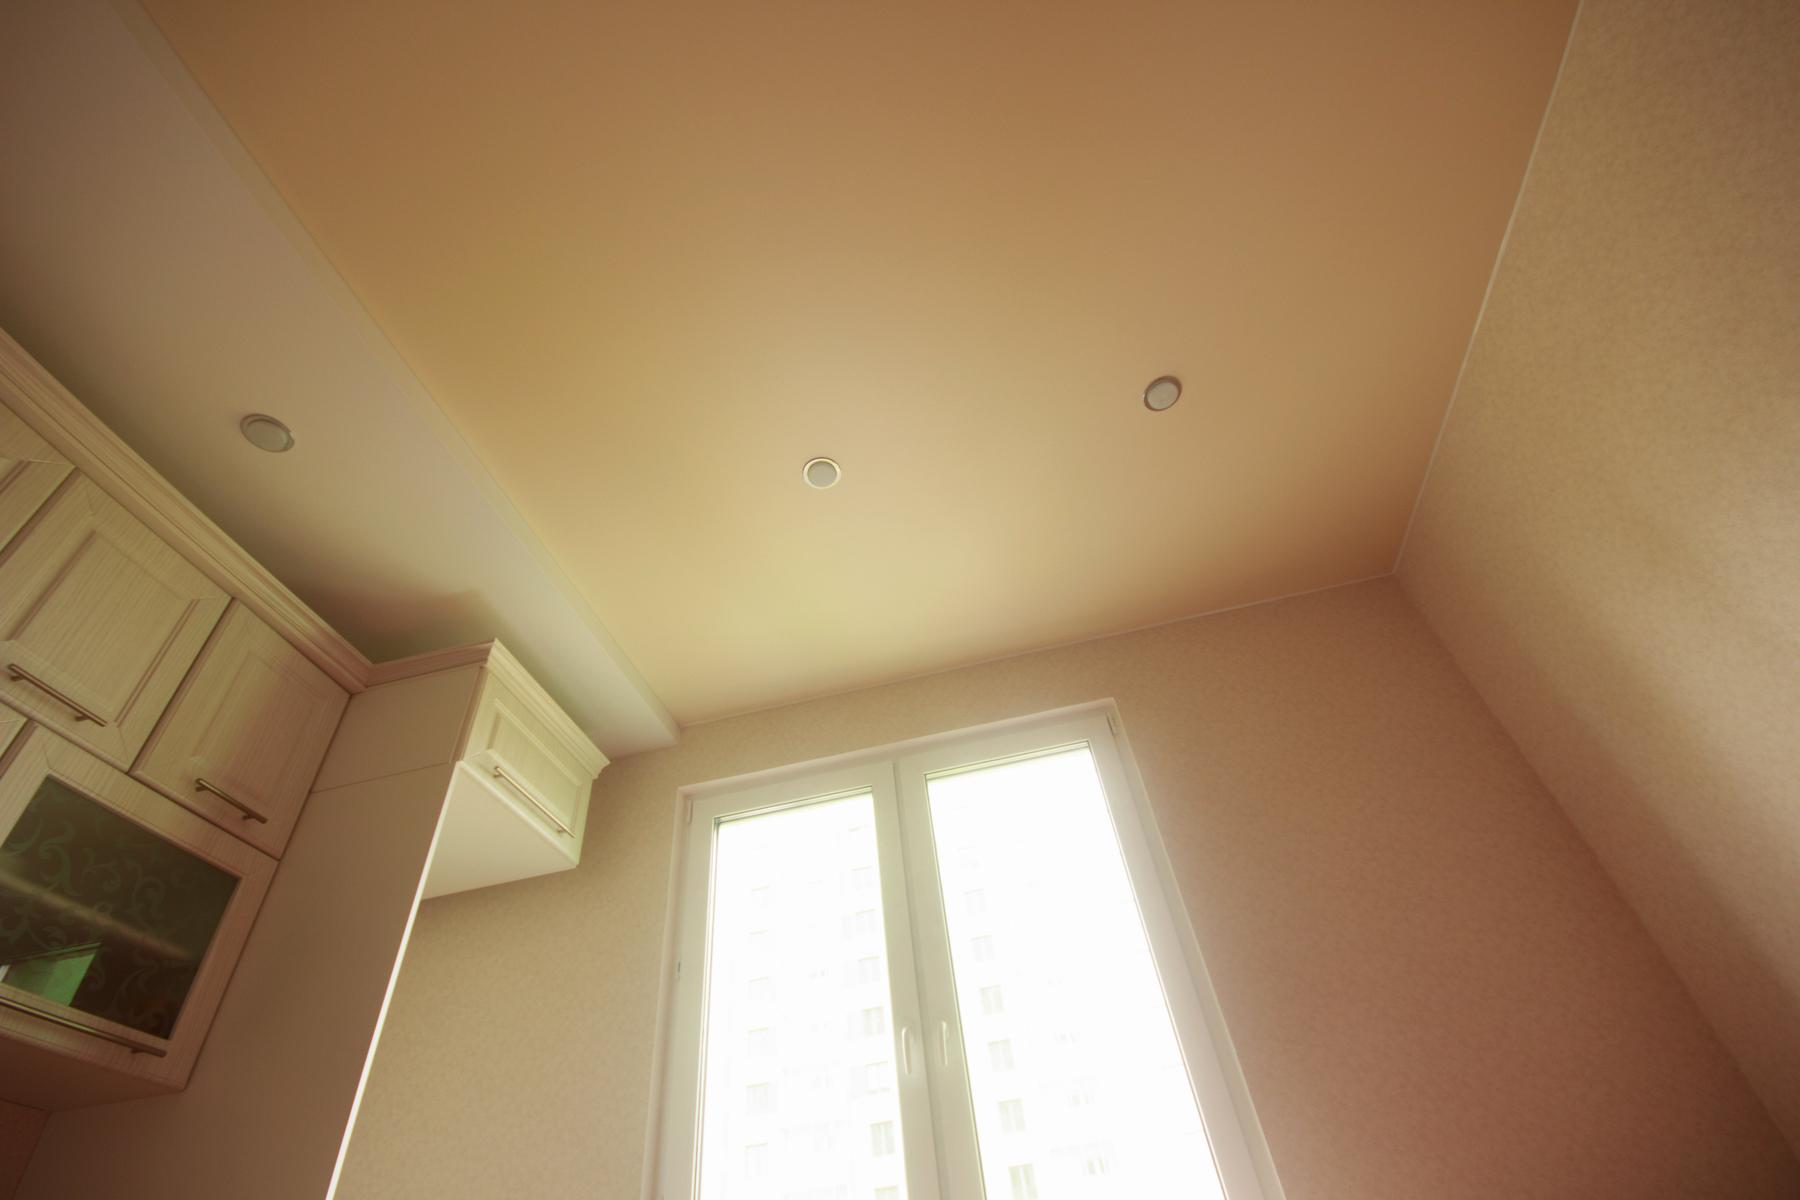 Двухуровневый натяжной потолок со встроенными светильниками для кухни